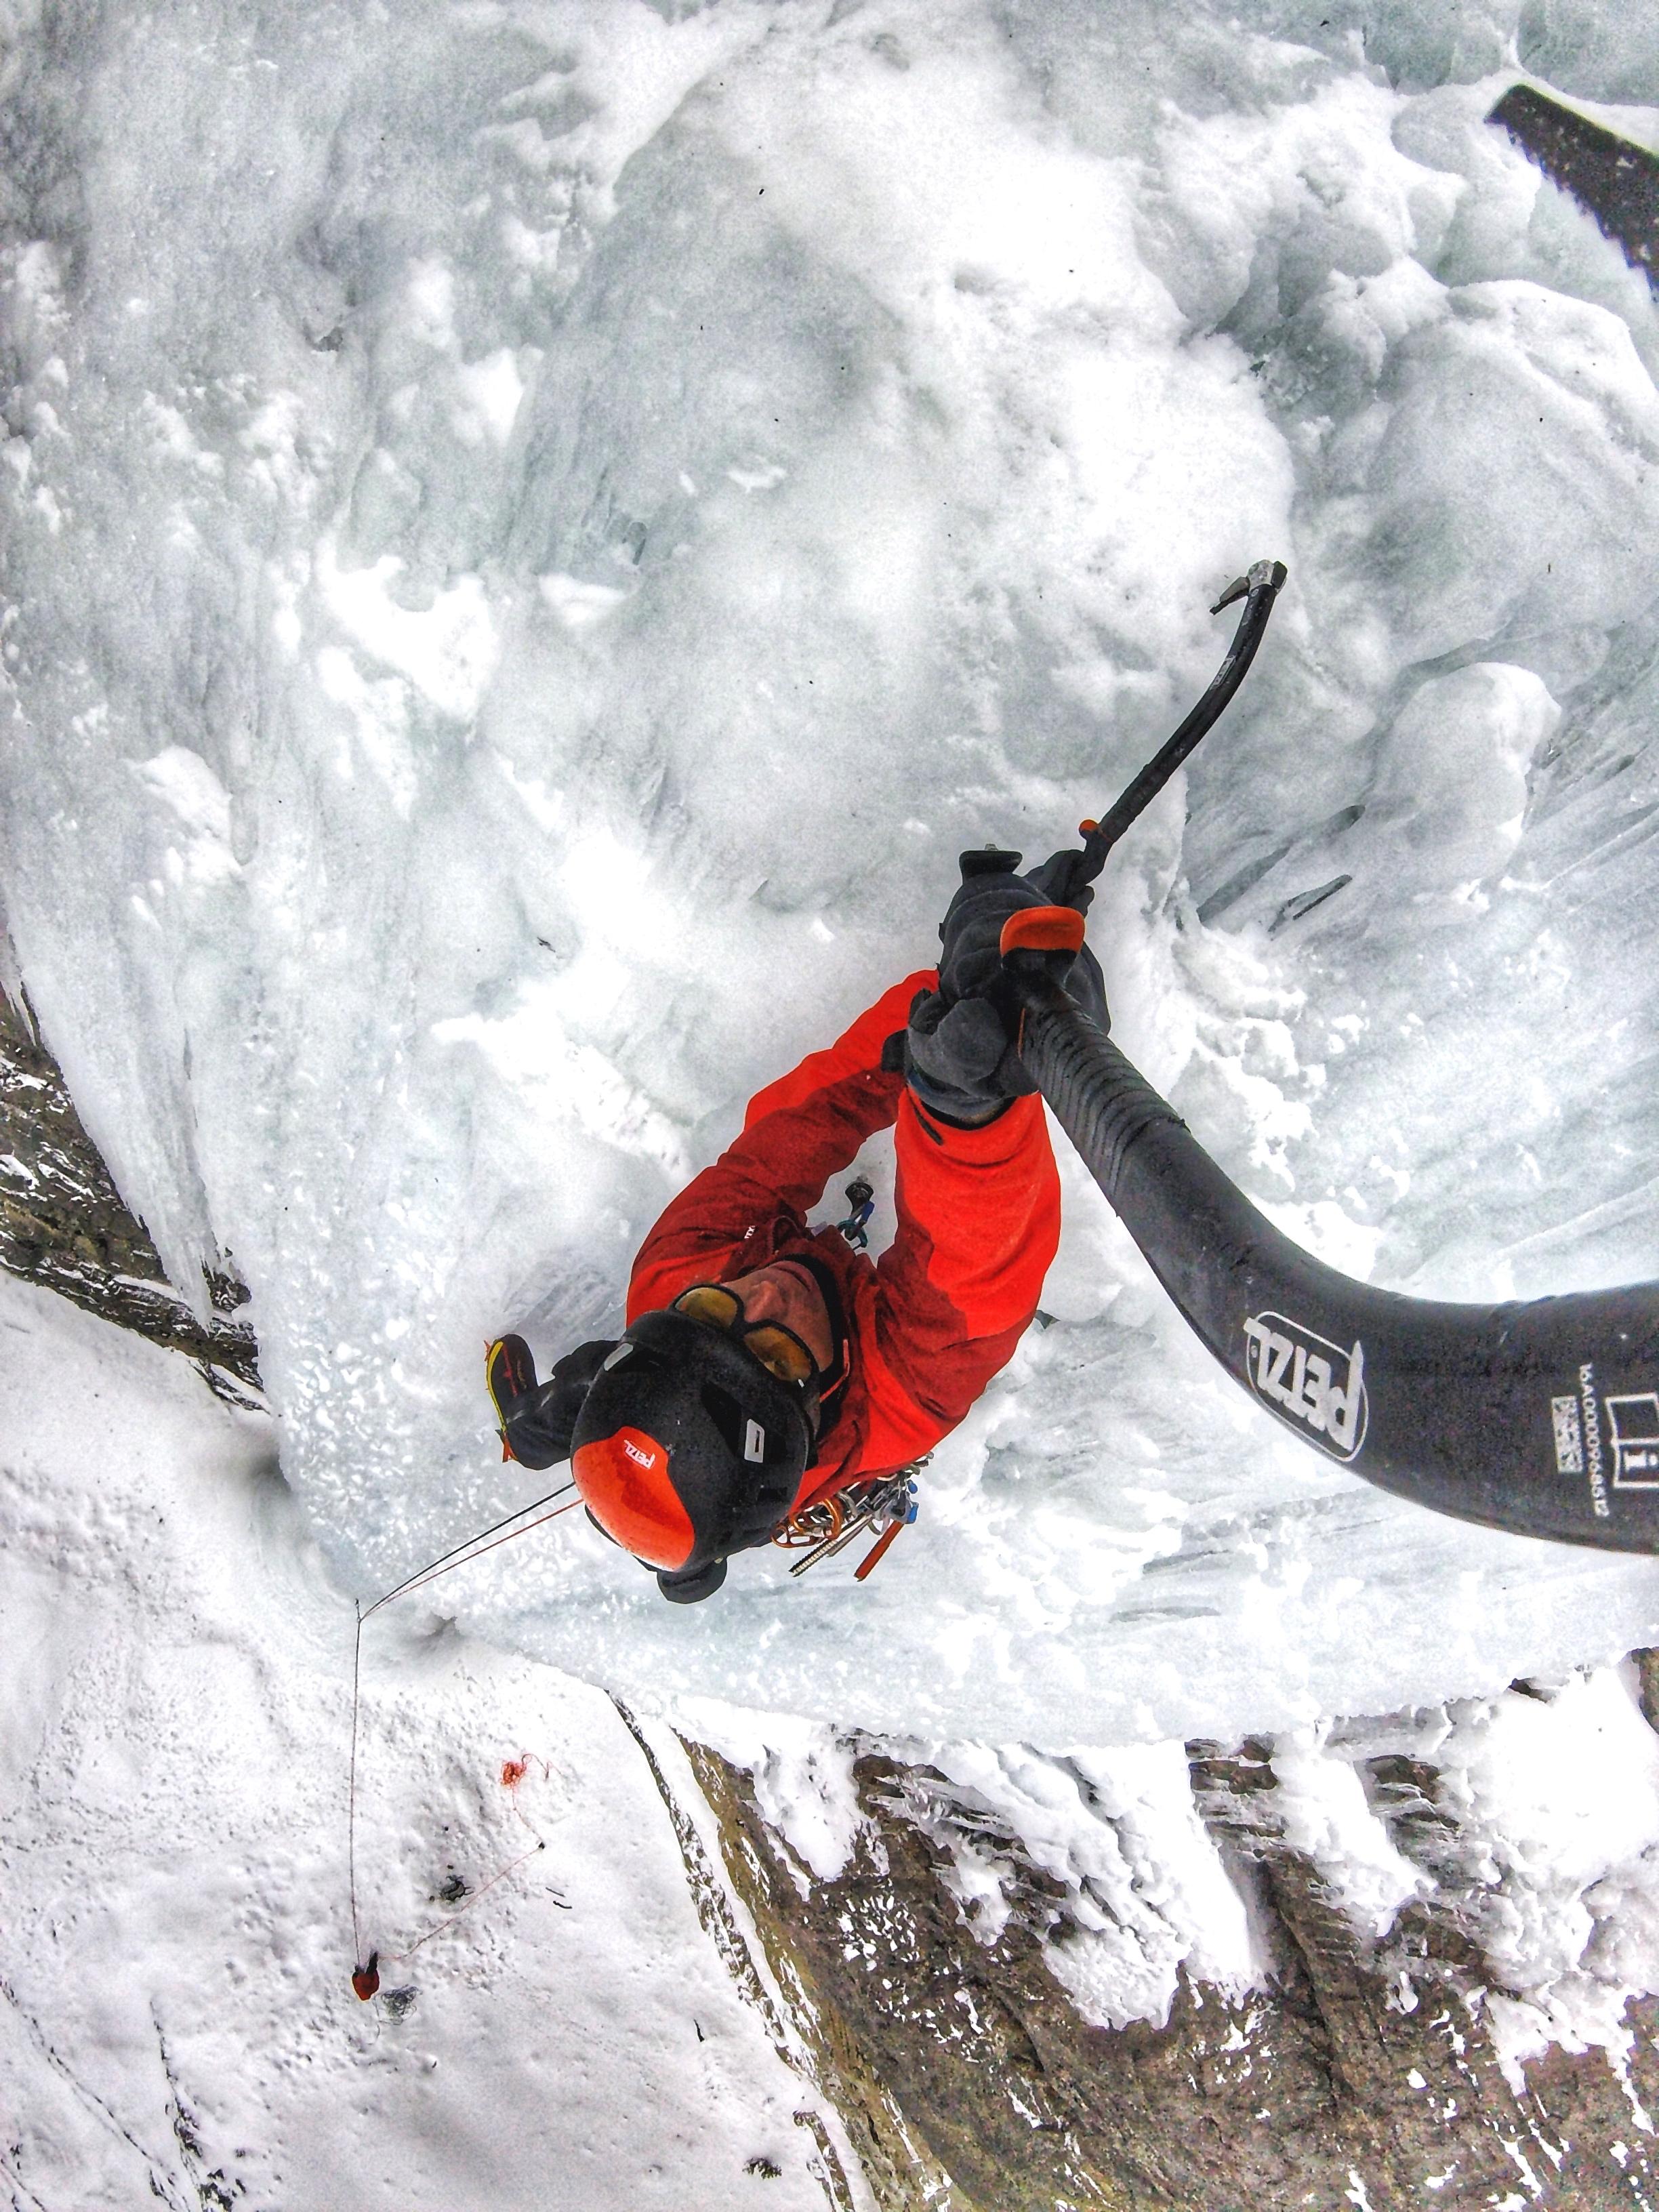 Matthias Scherer on Shooting Star November 2017, Icefieldsparkway, Canada picture Matthias Scherer